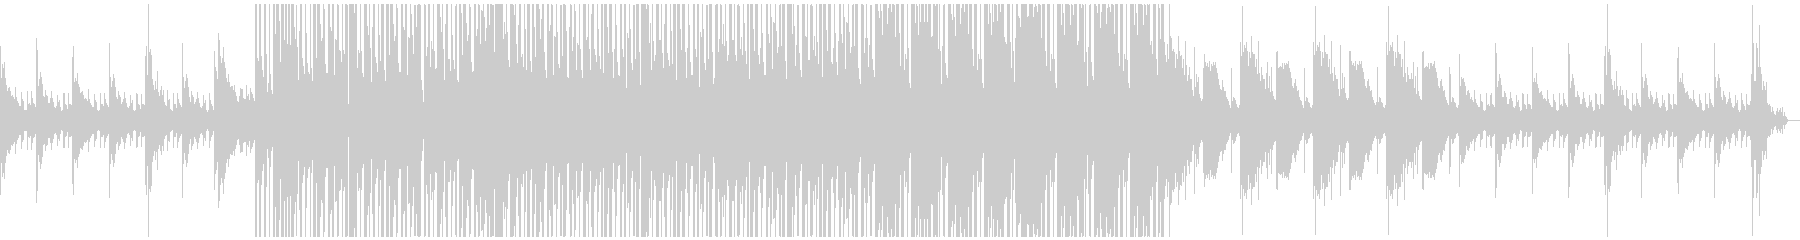 ローファイっぽい曲を目指しましたの未再生の波形